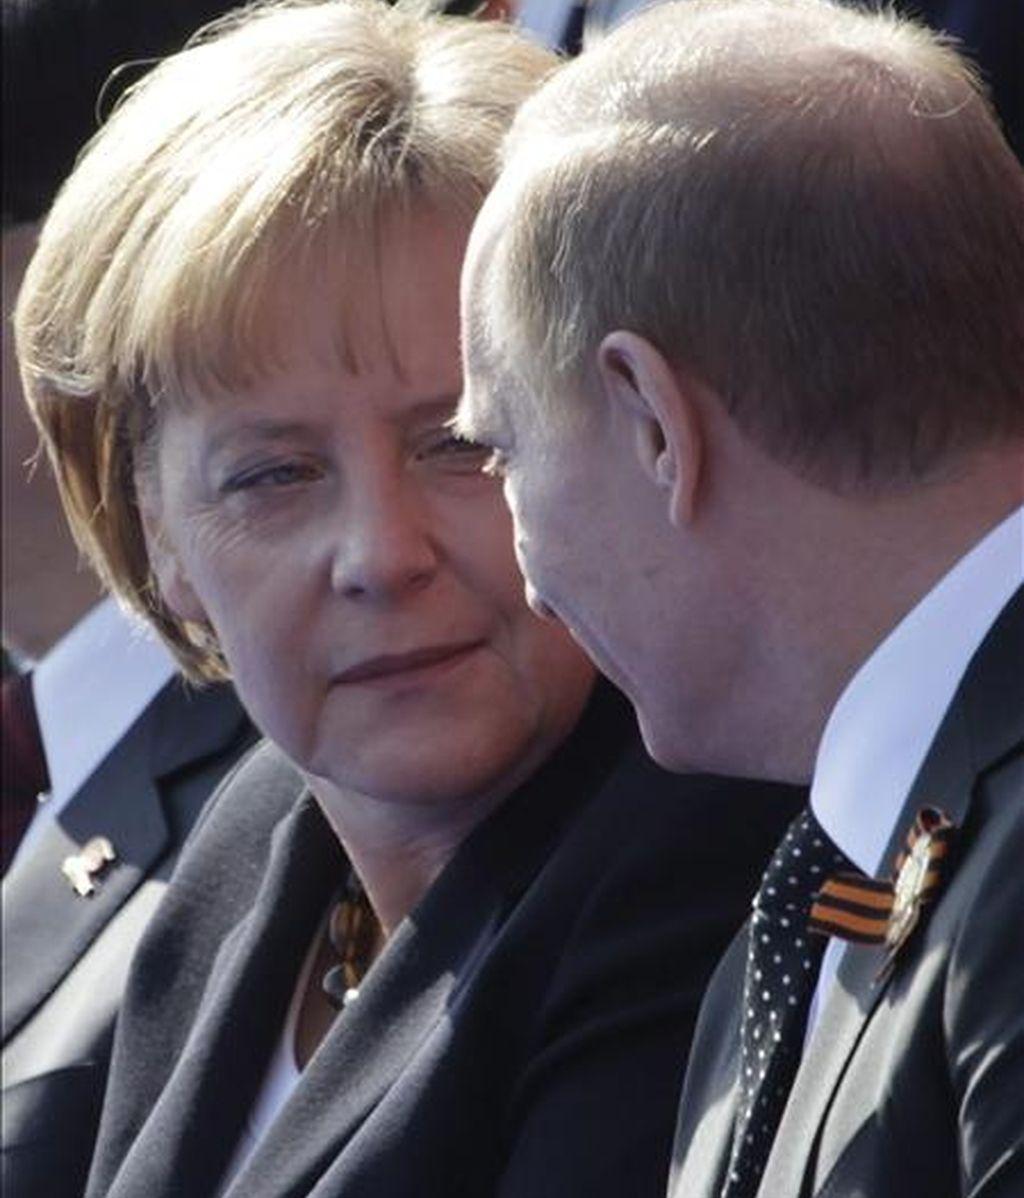 La canciller alemana, Angela Merkel, valoró hoy con escepticismo la iniciativa del primer ministro ruso, Vladimir Putin, para la creación de una zona de libre comercio entre la Unión Europea y Rusia. EFE/Archivo